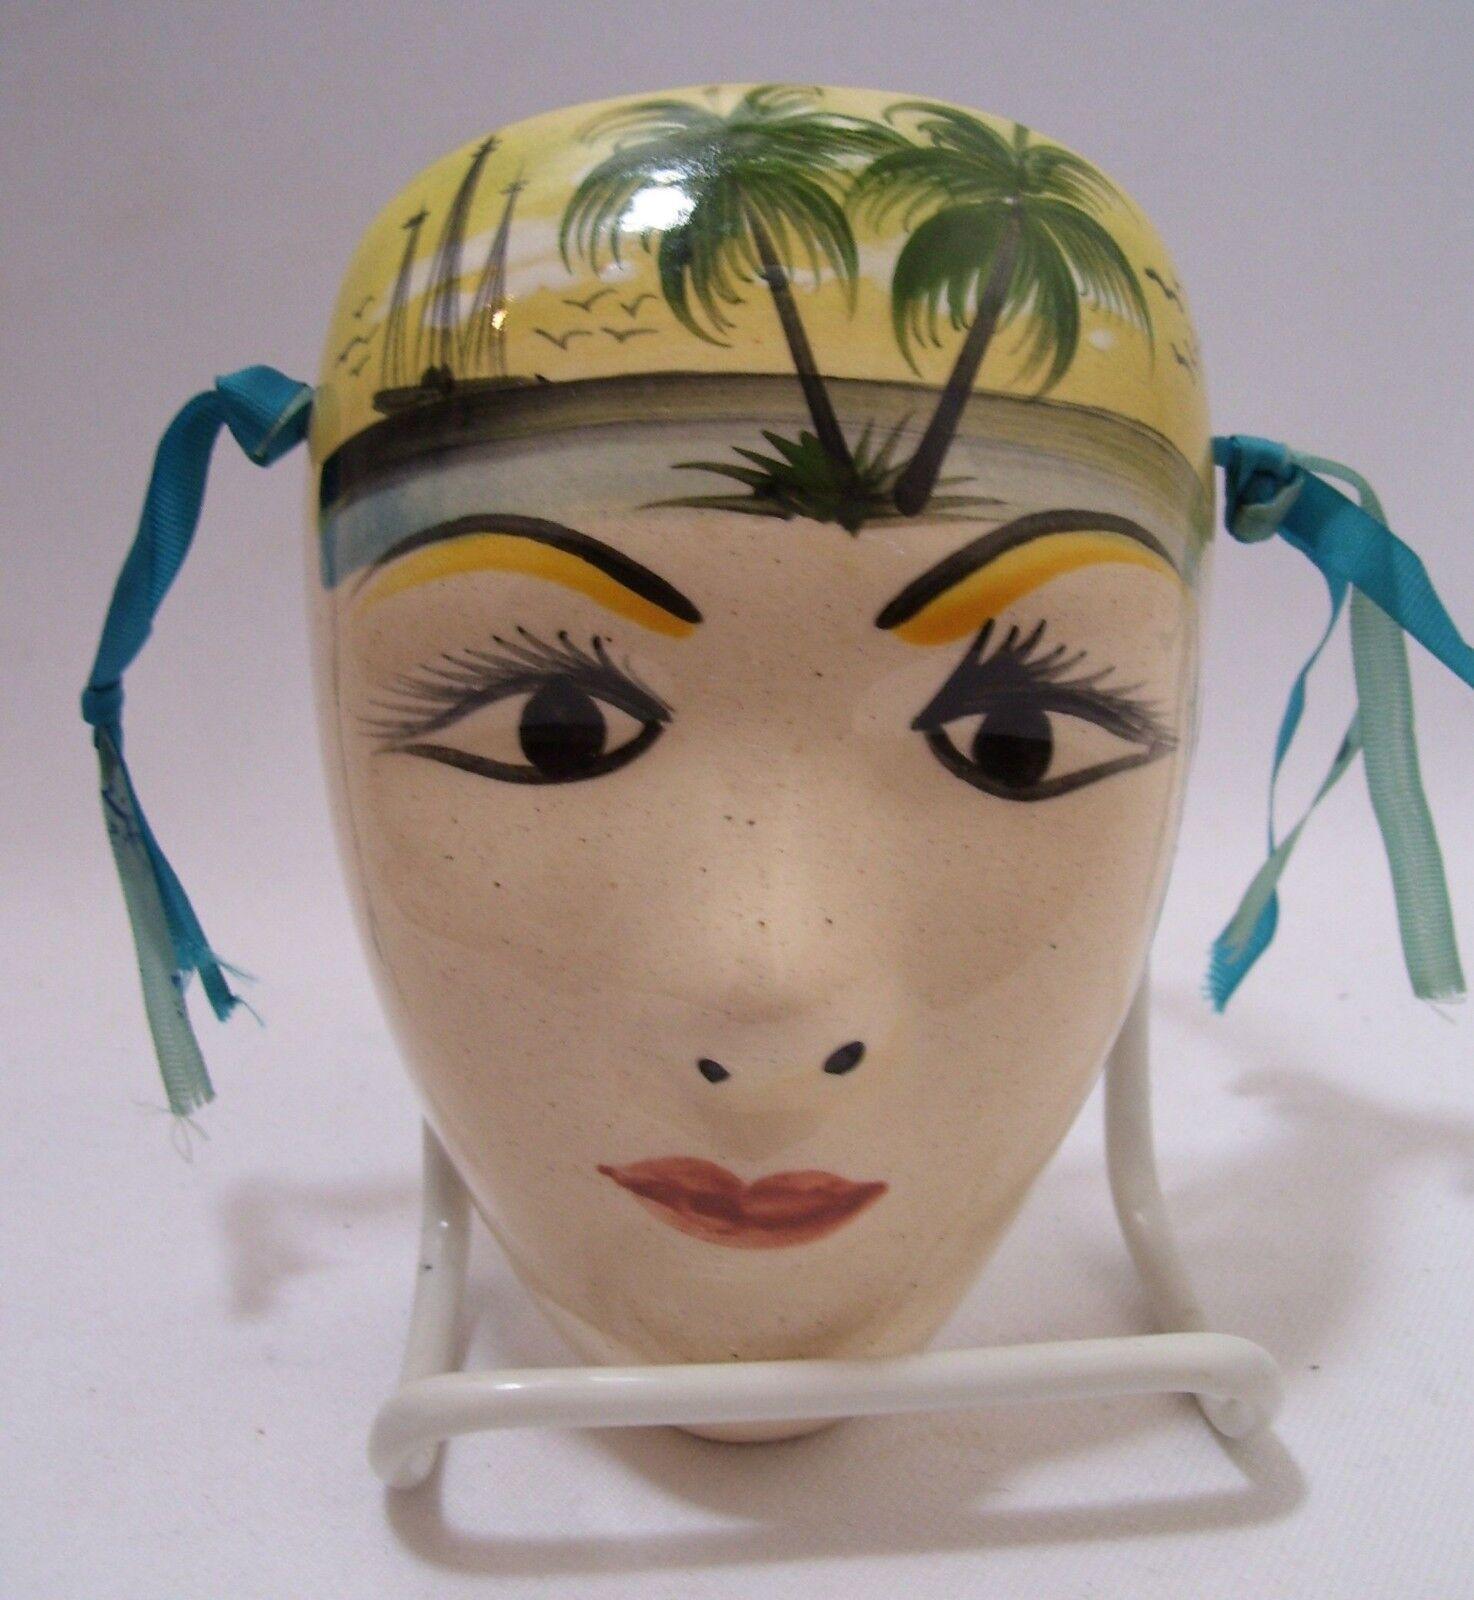 Máscara Facial Cerámica Pequeño Raro Vintage Souvenir de Santo Domingo de cerámica 4x6